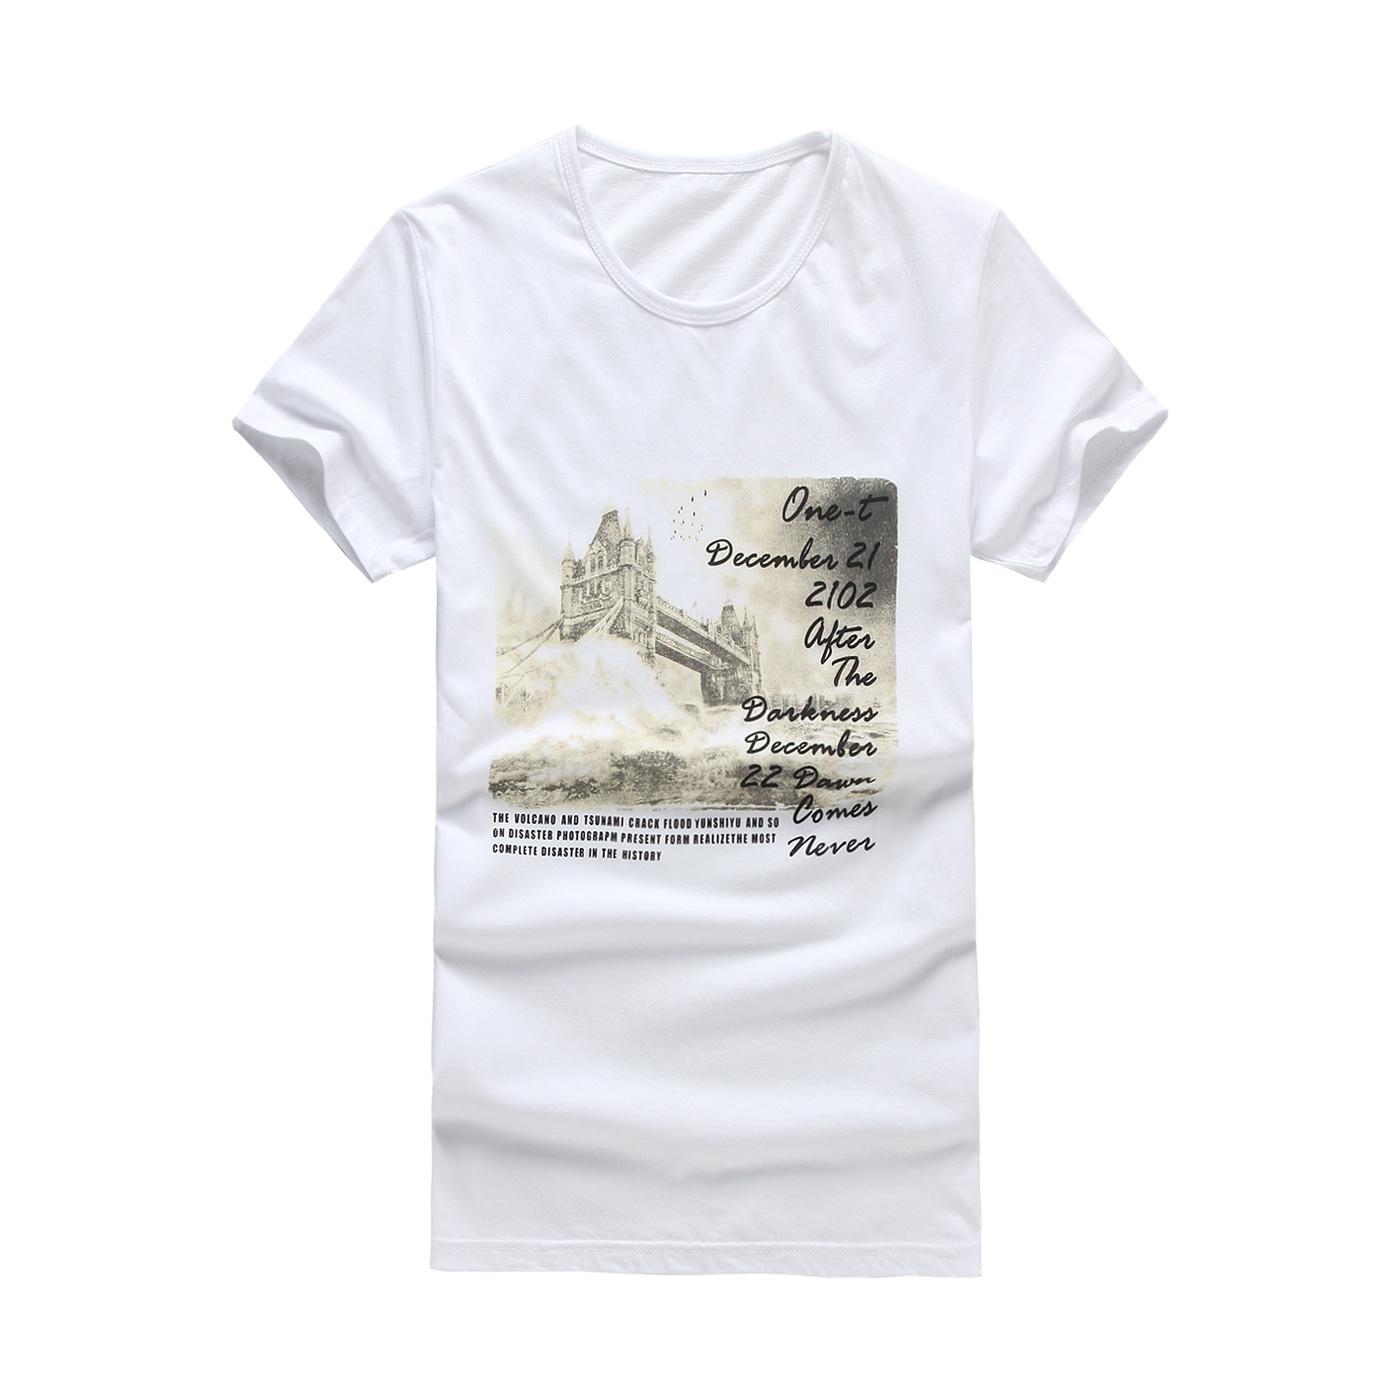 伯克思白色卡通字母韩版潮男士上装时尚创意印花加大短袖半袖T恤